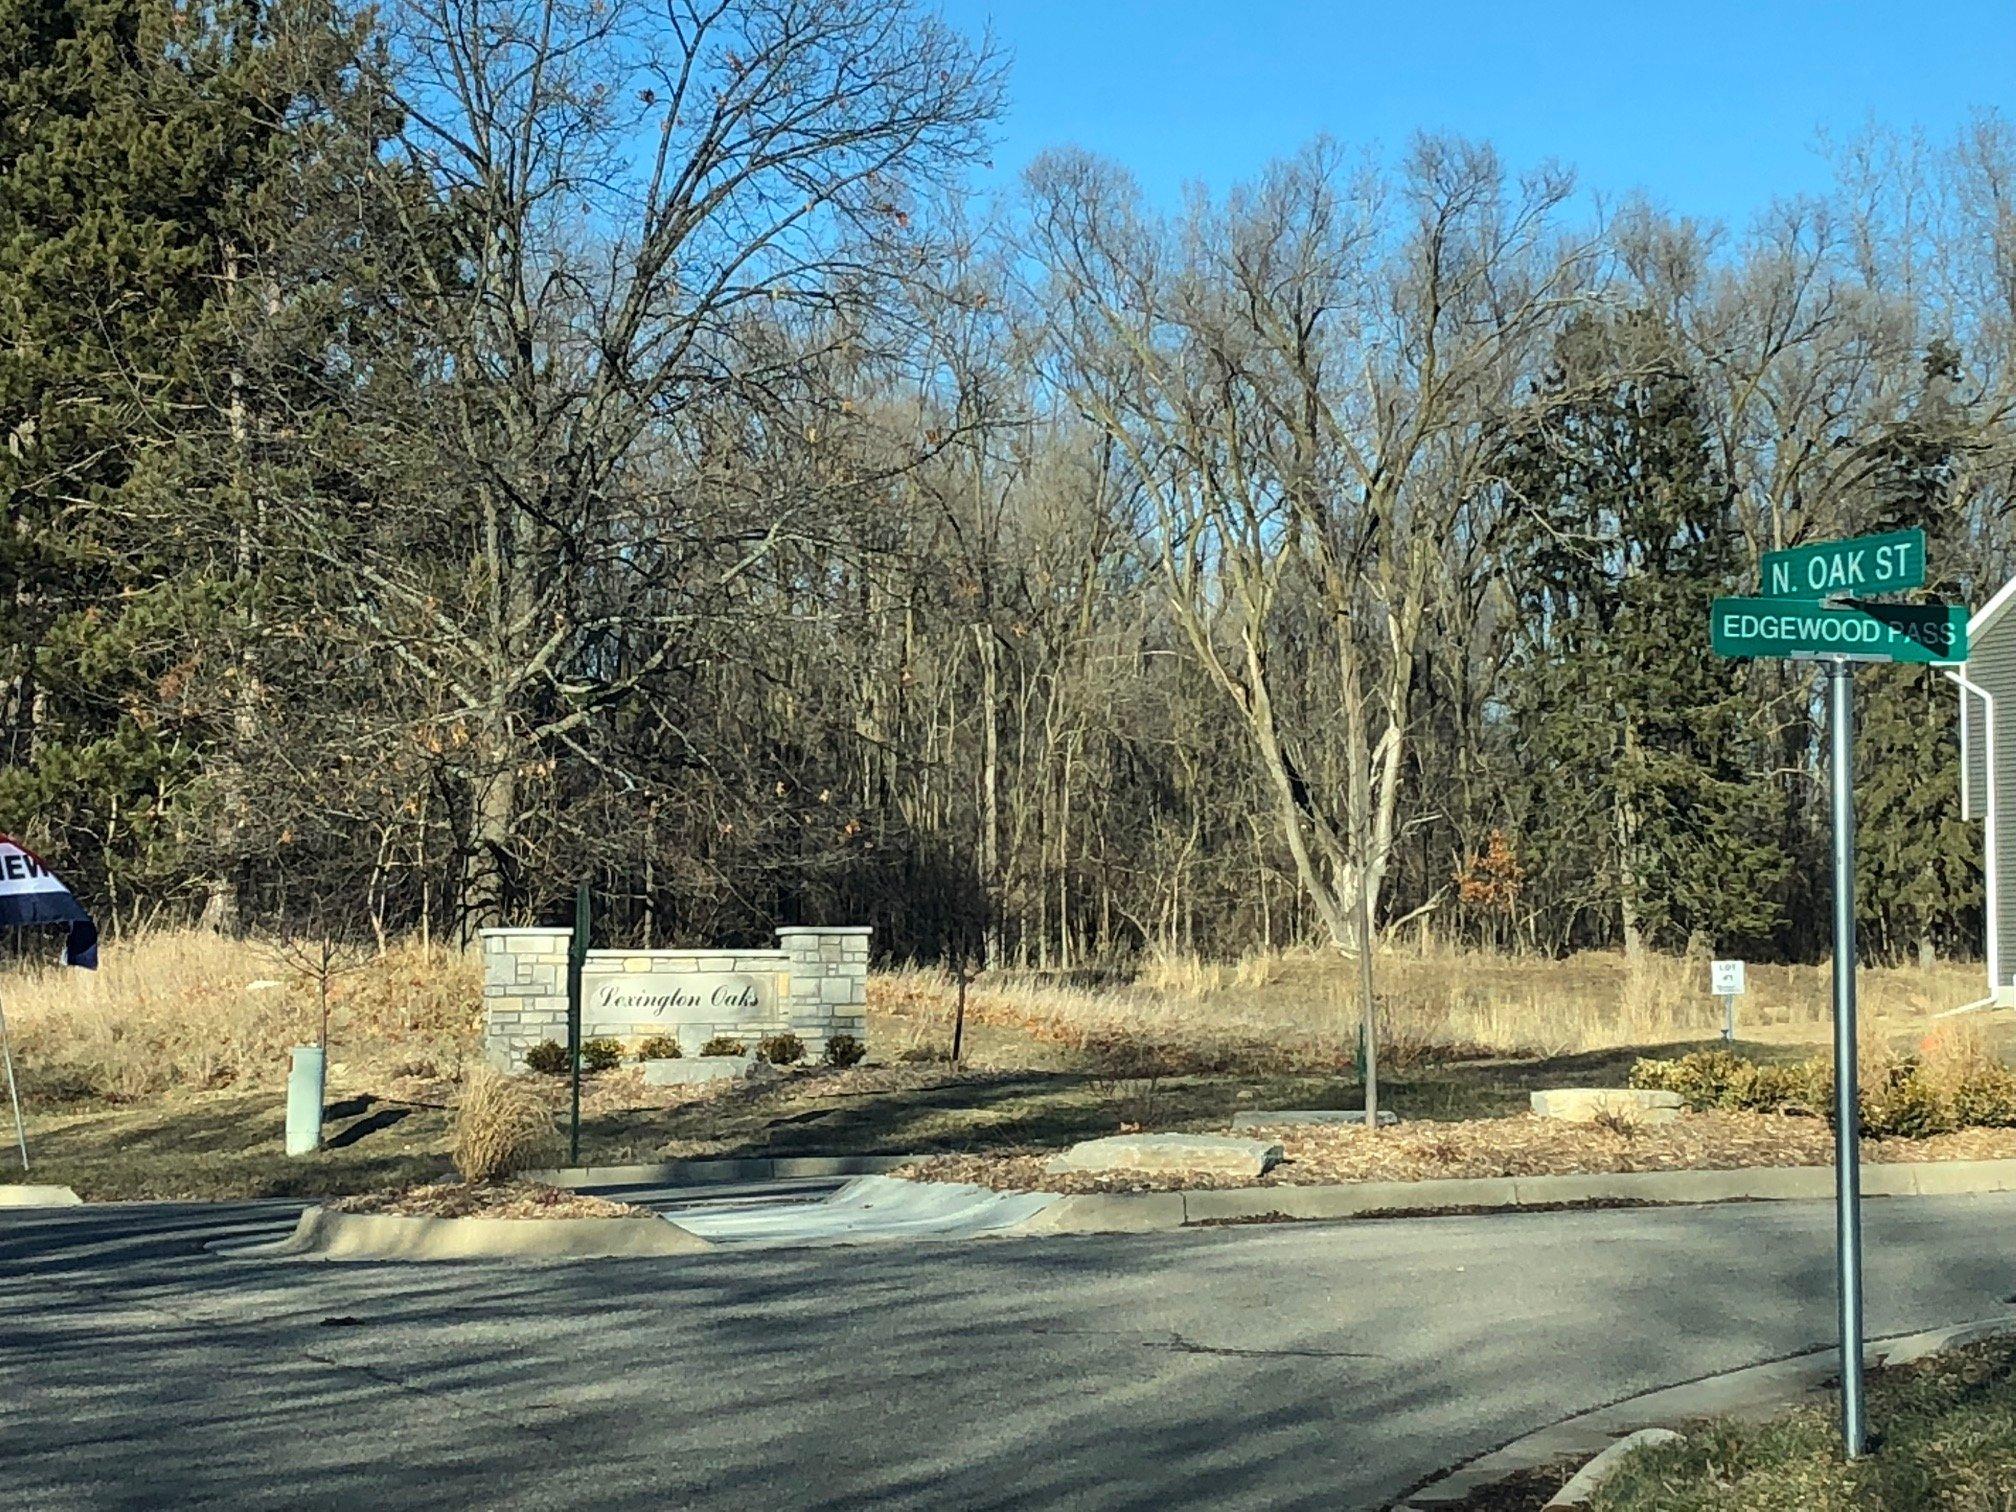 Lexington Oaks Entrance